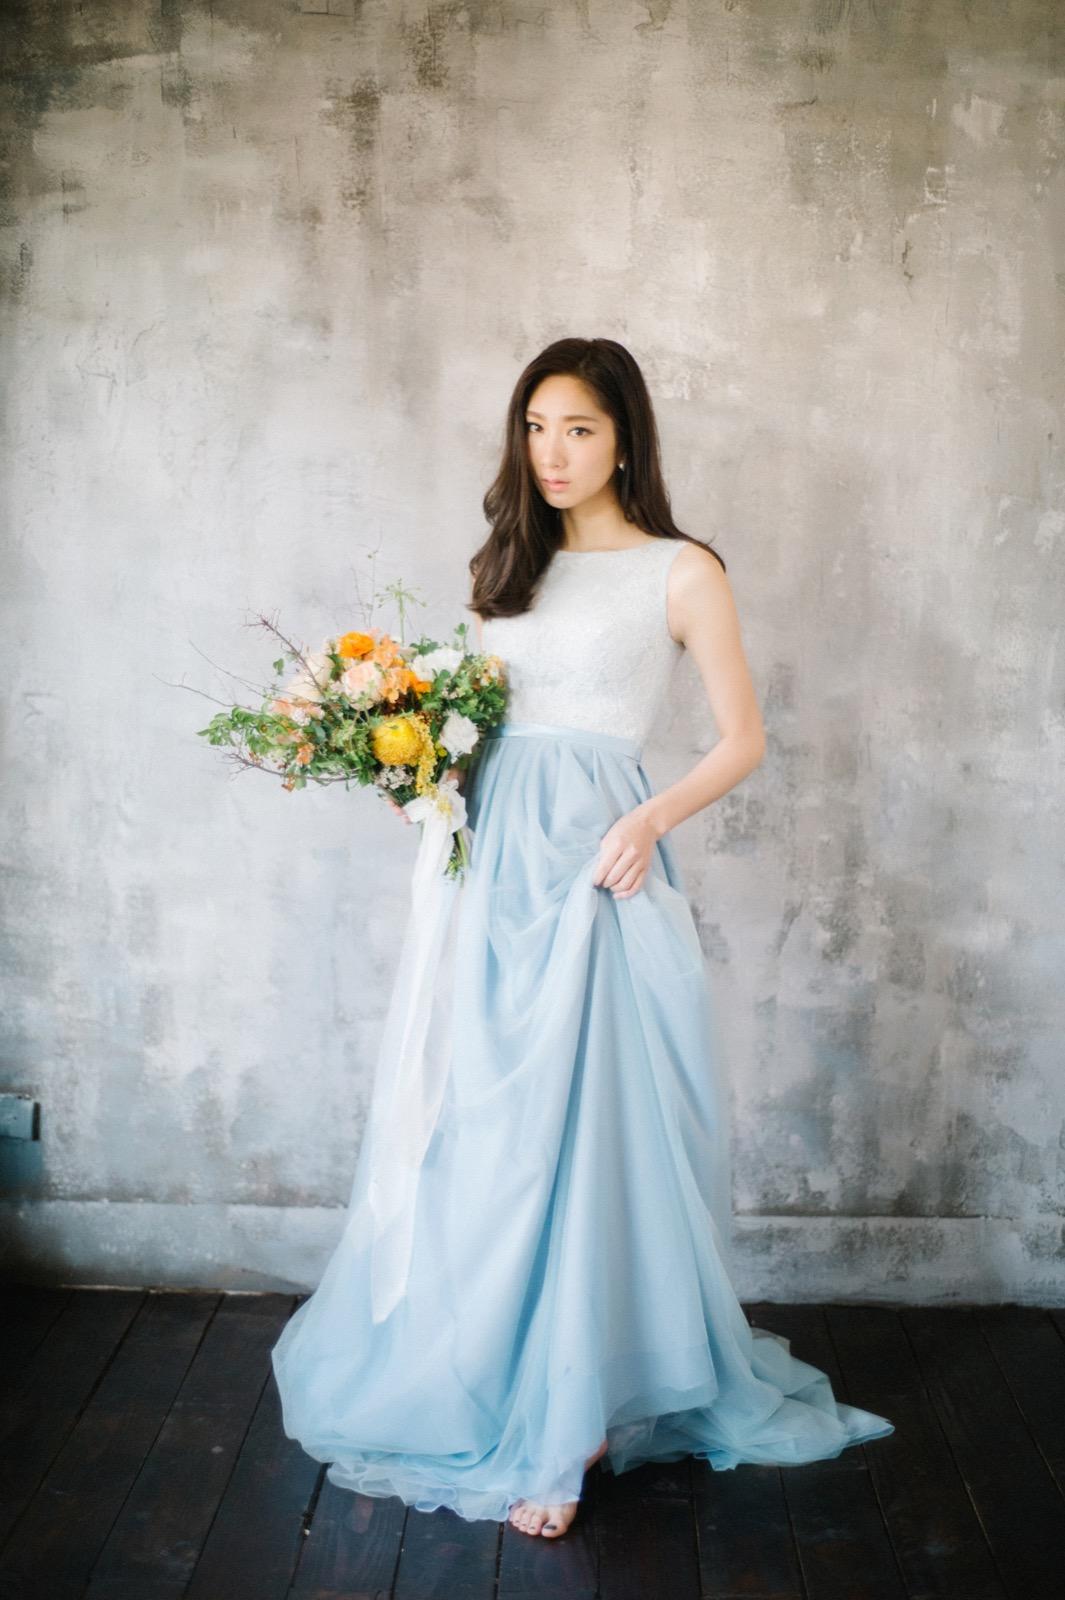 美式婚紗拍攝美式婚紗拍攝_D4S1472